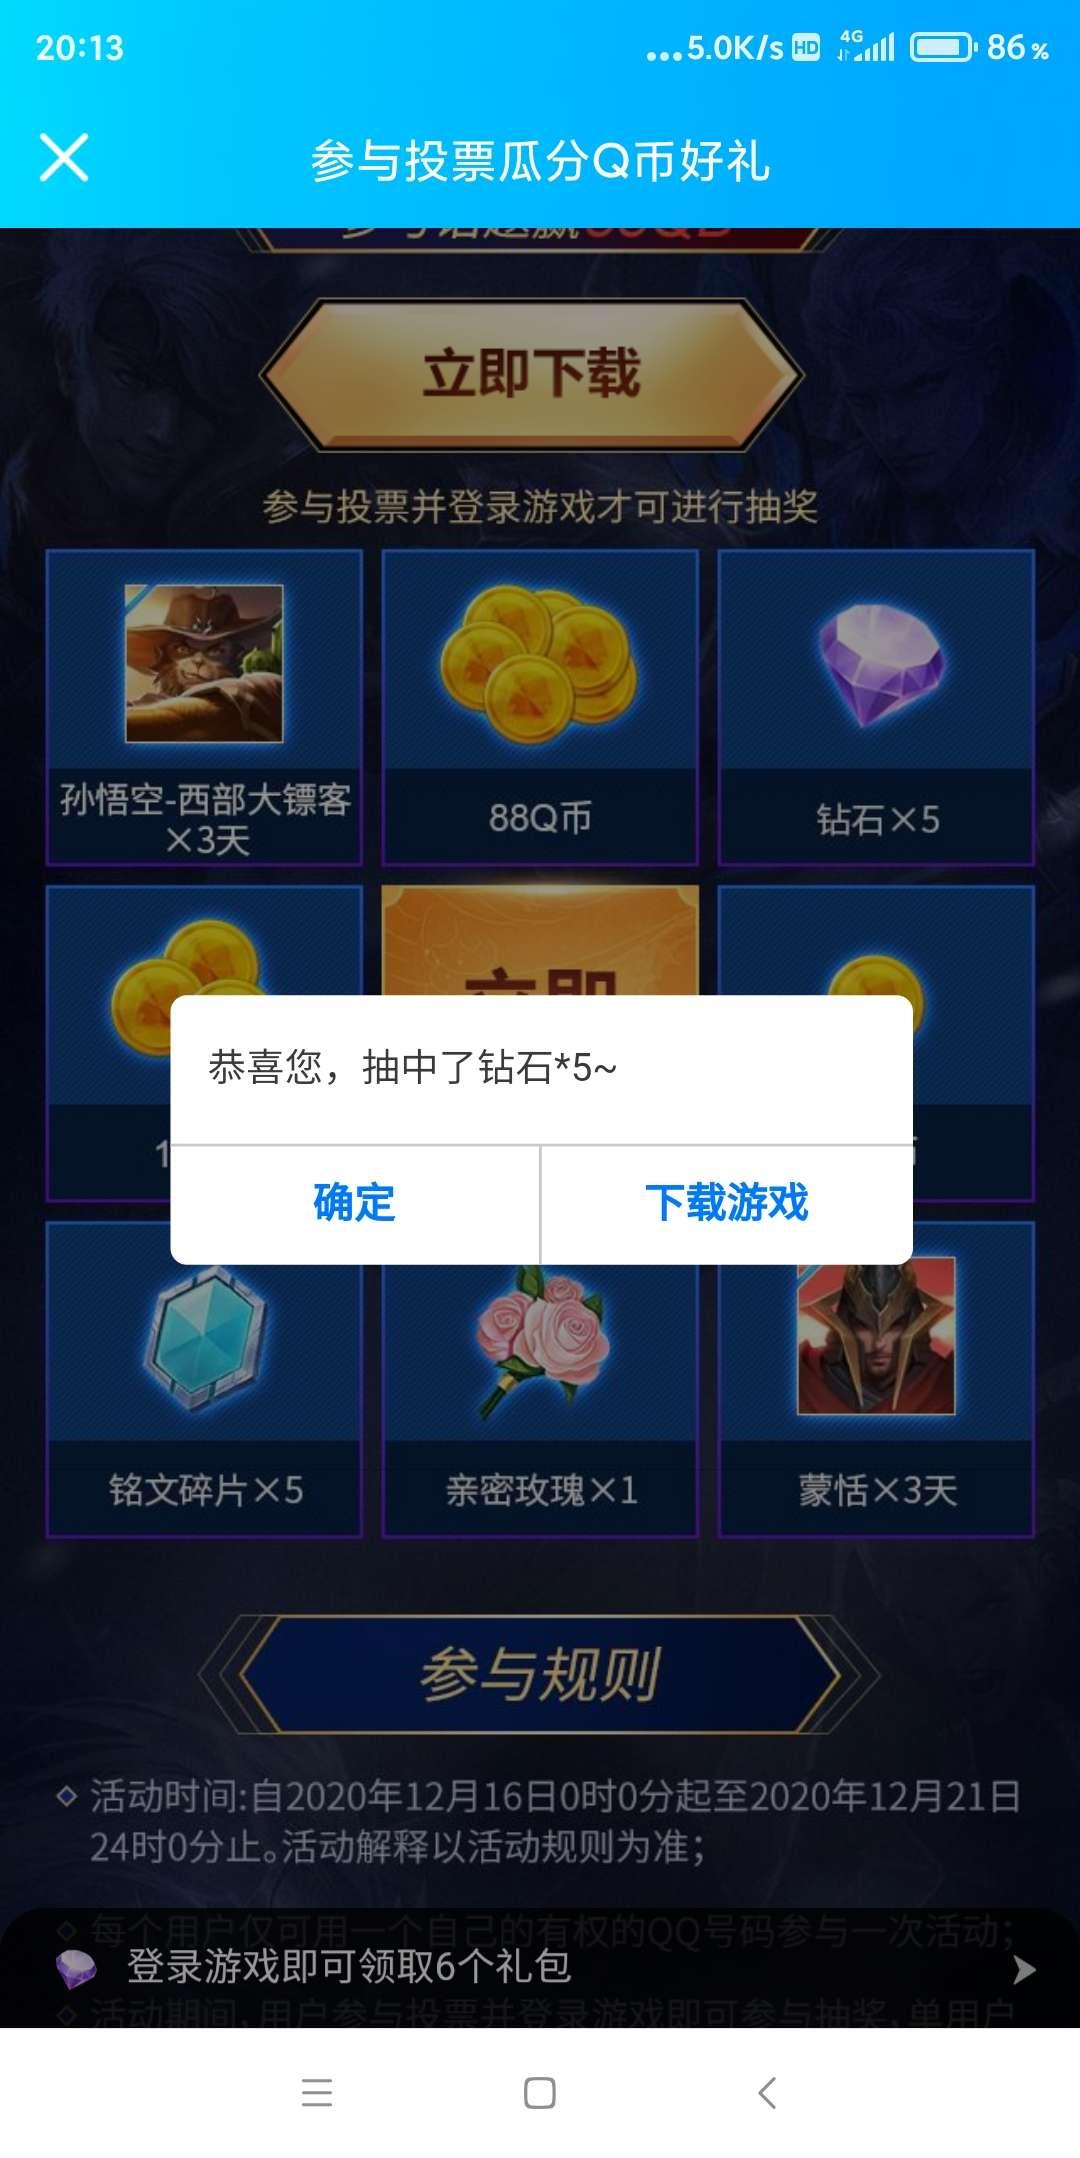 图片[2]-王者荣耀抽2-88Q币-老友薅羊毛活动线报网